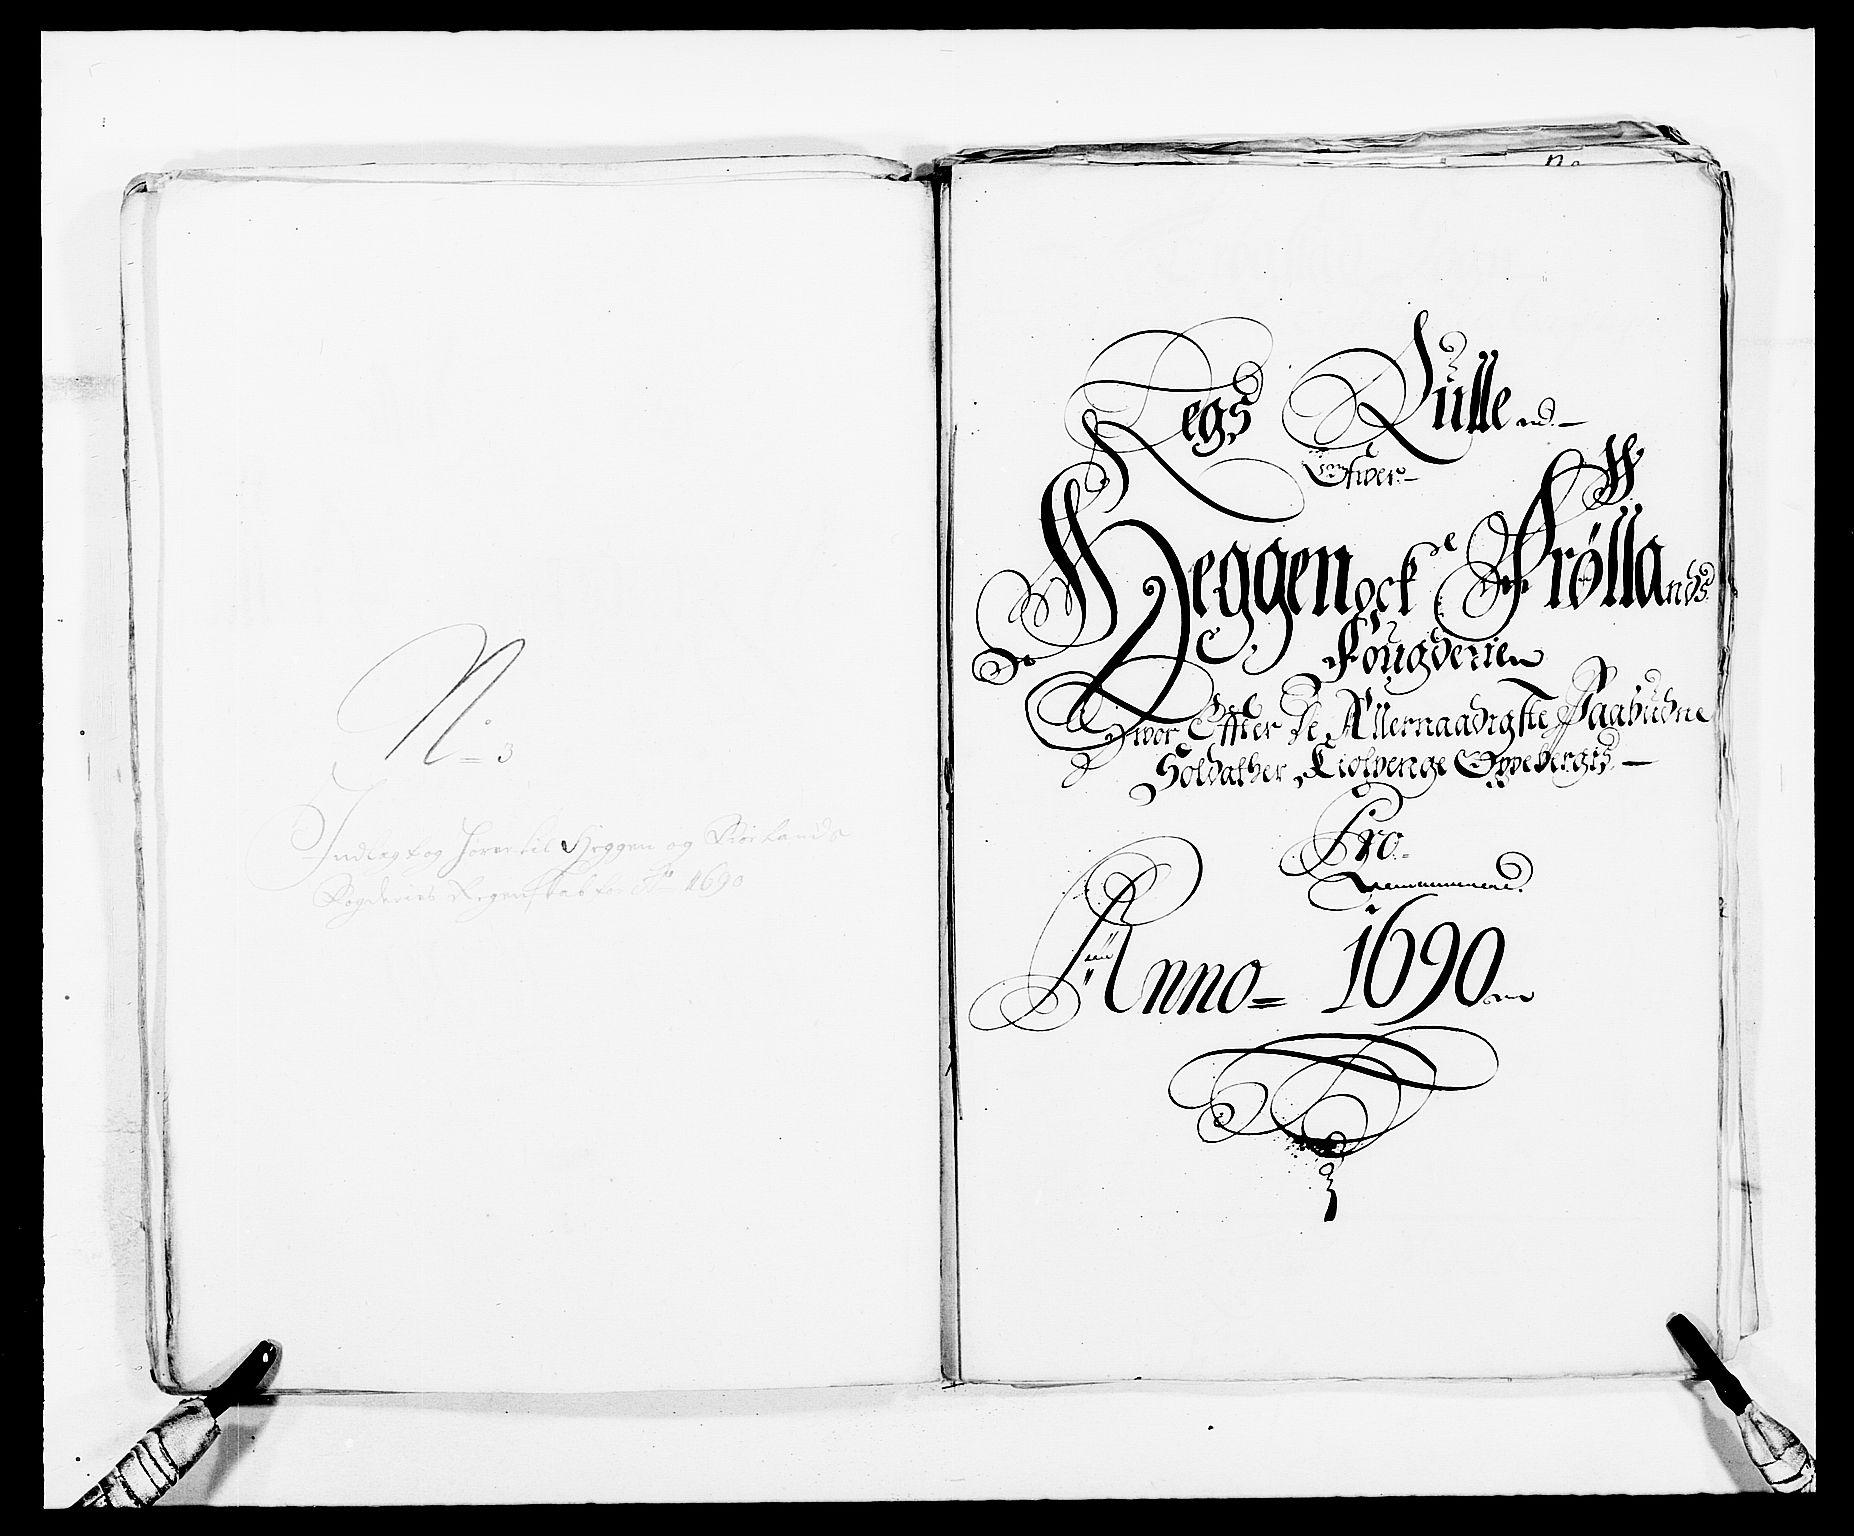 RA, Rentekammeret inntil 1814, Reviderte regnskaper, Fogderegnskap, R06/L0282: Fogderegnskap Heggen og Frøland, 1687-1690, s. 242